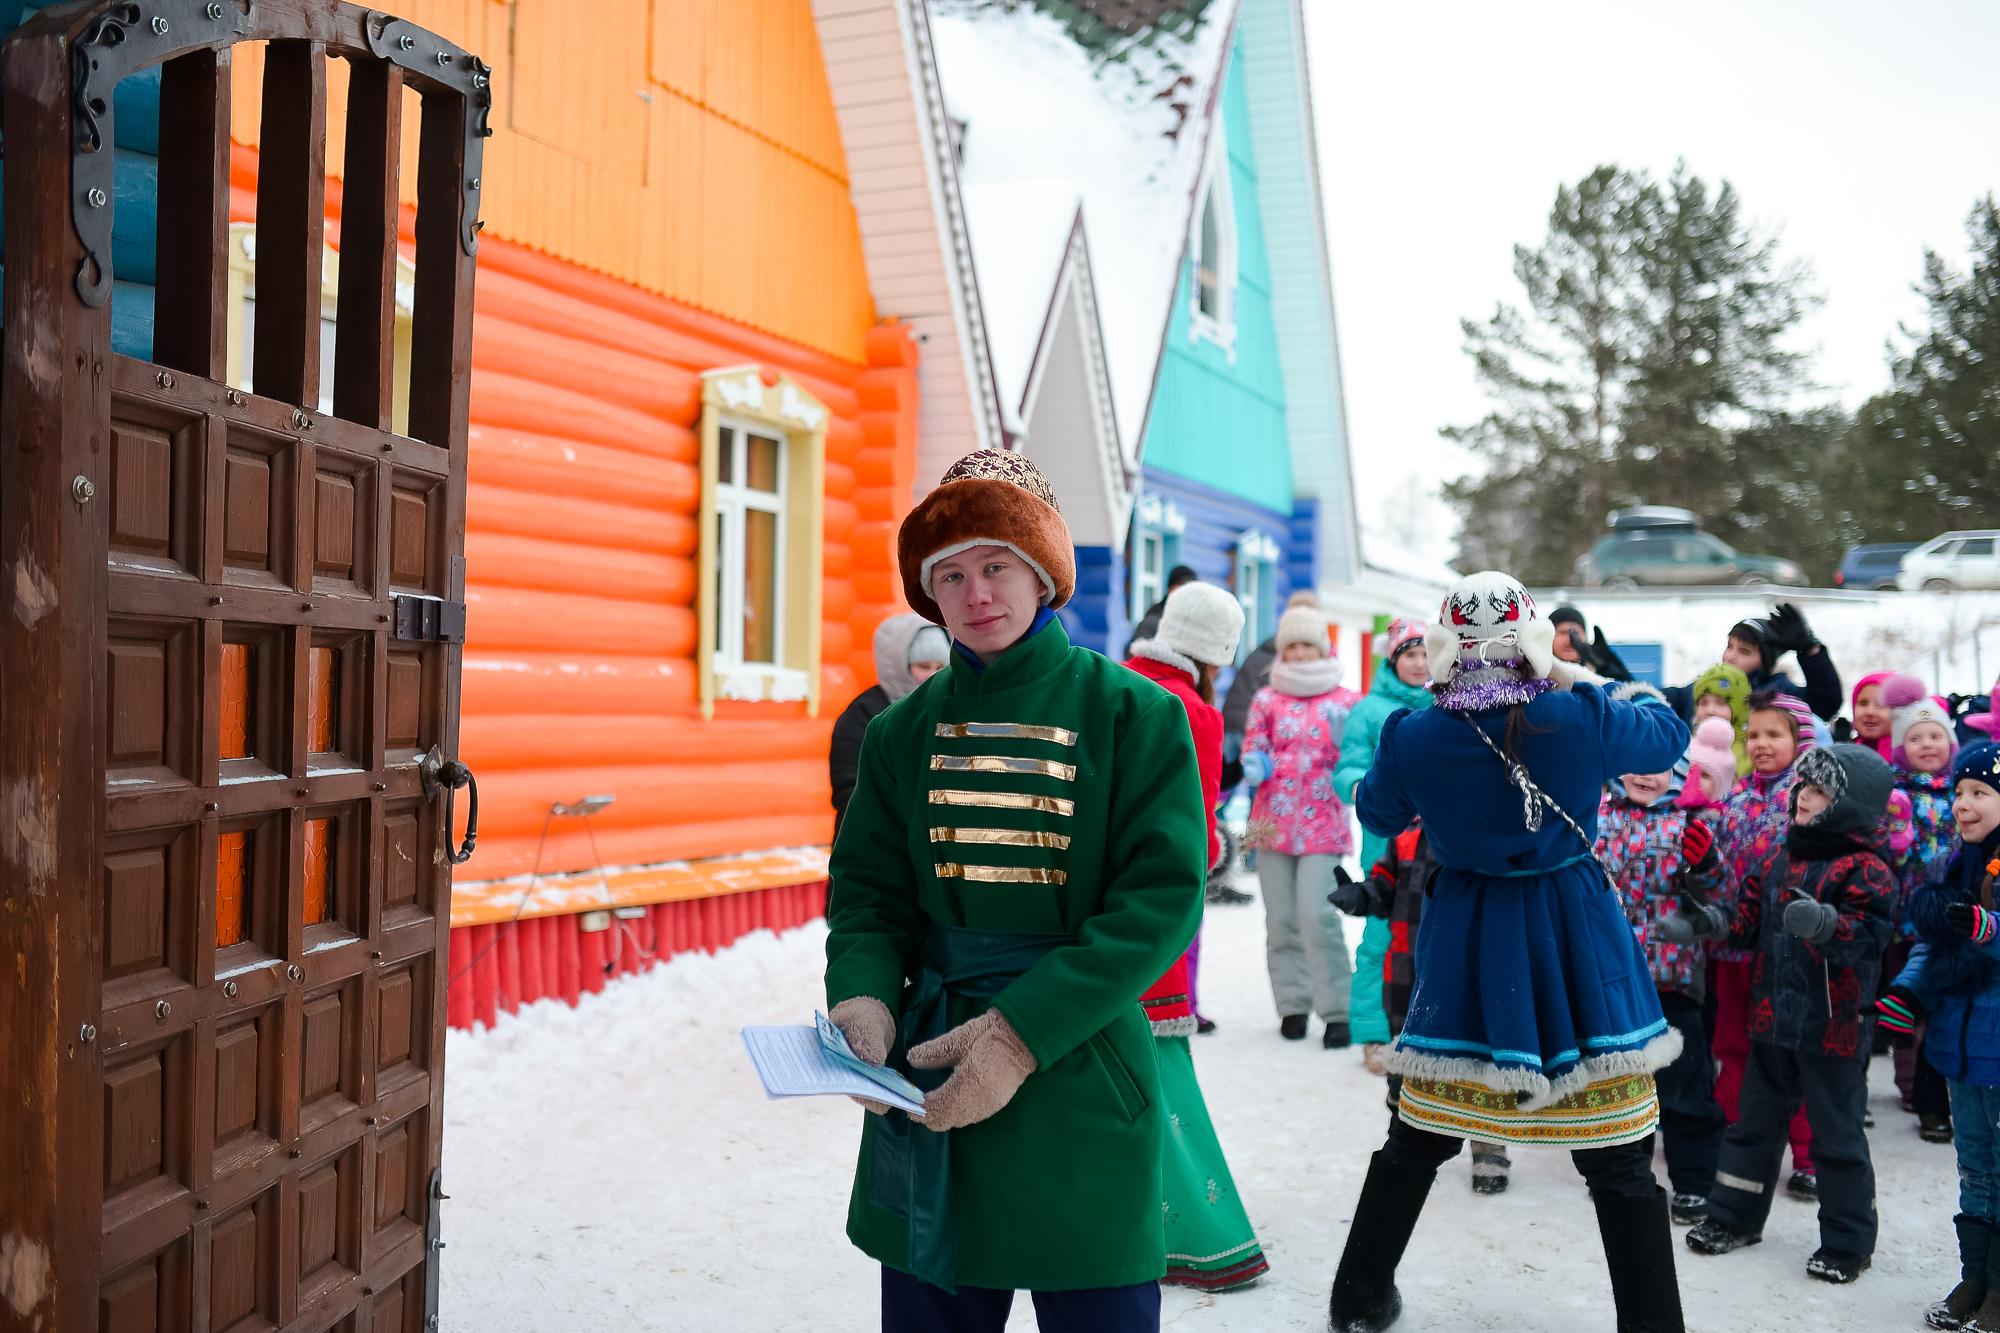 Фото с новогоднего праздника предоставлено организаторами